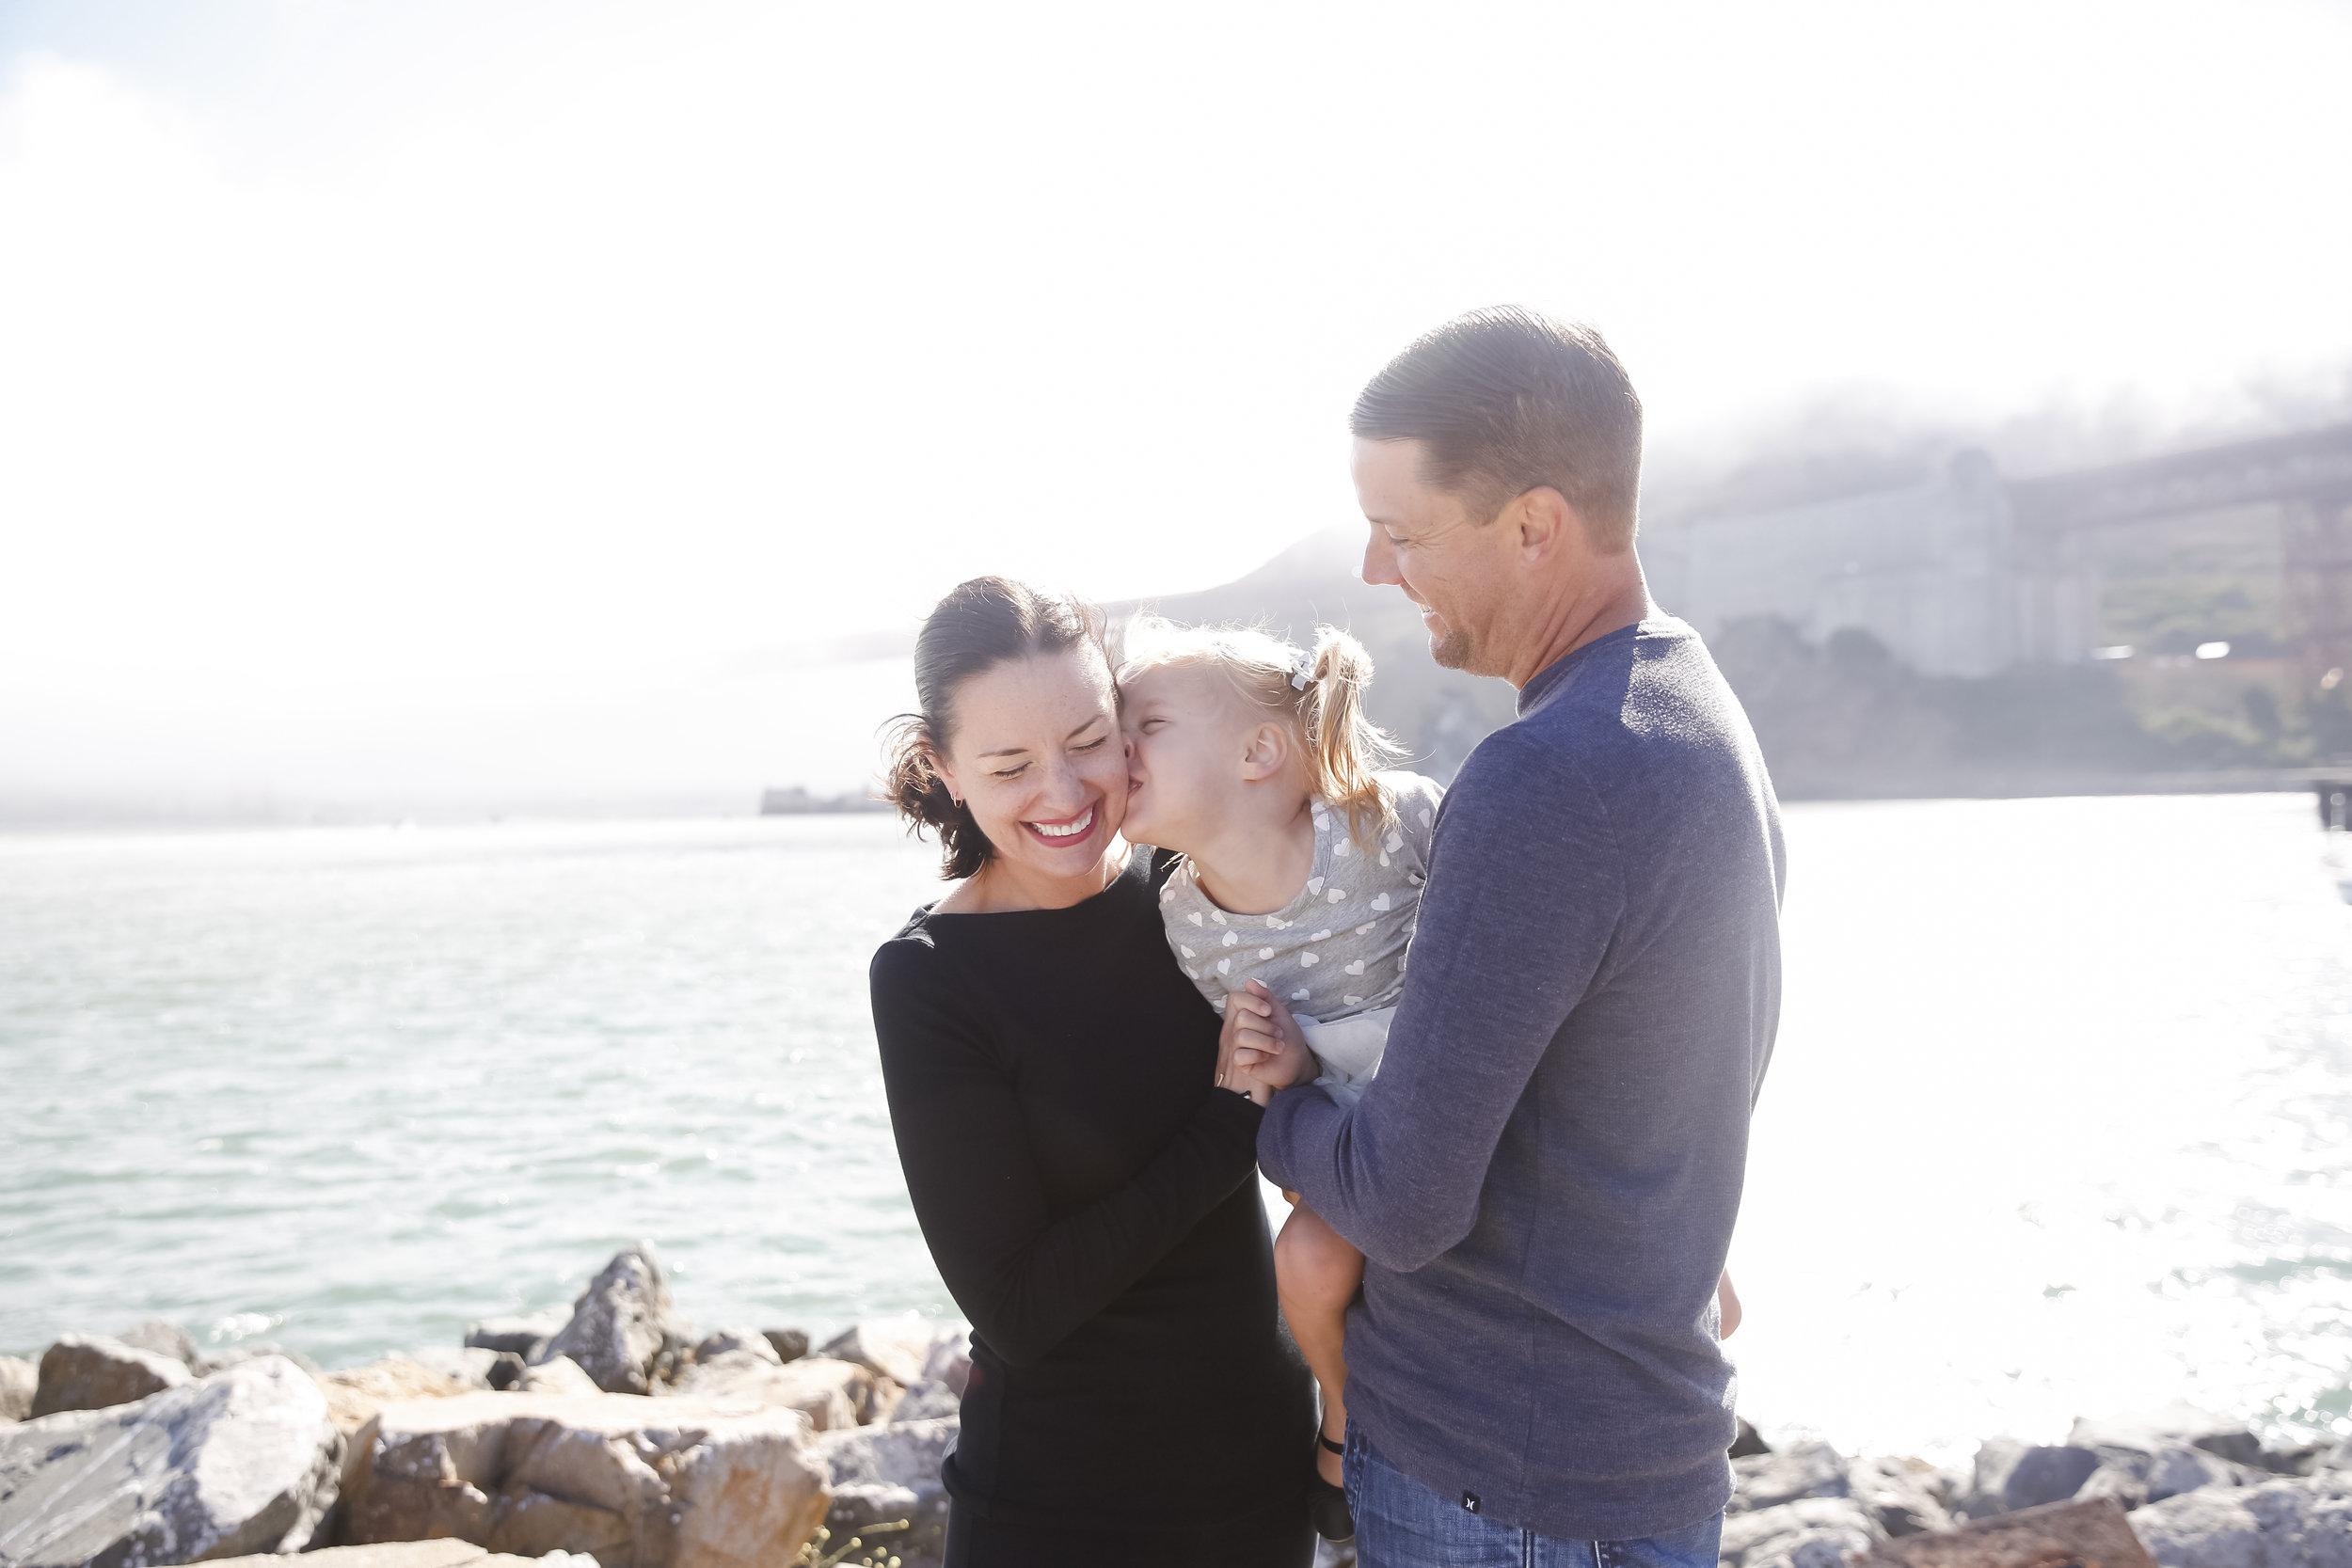 curranfamily-ahp-00014.jpg